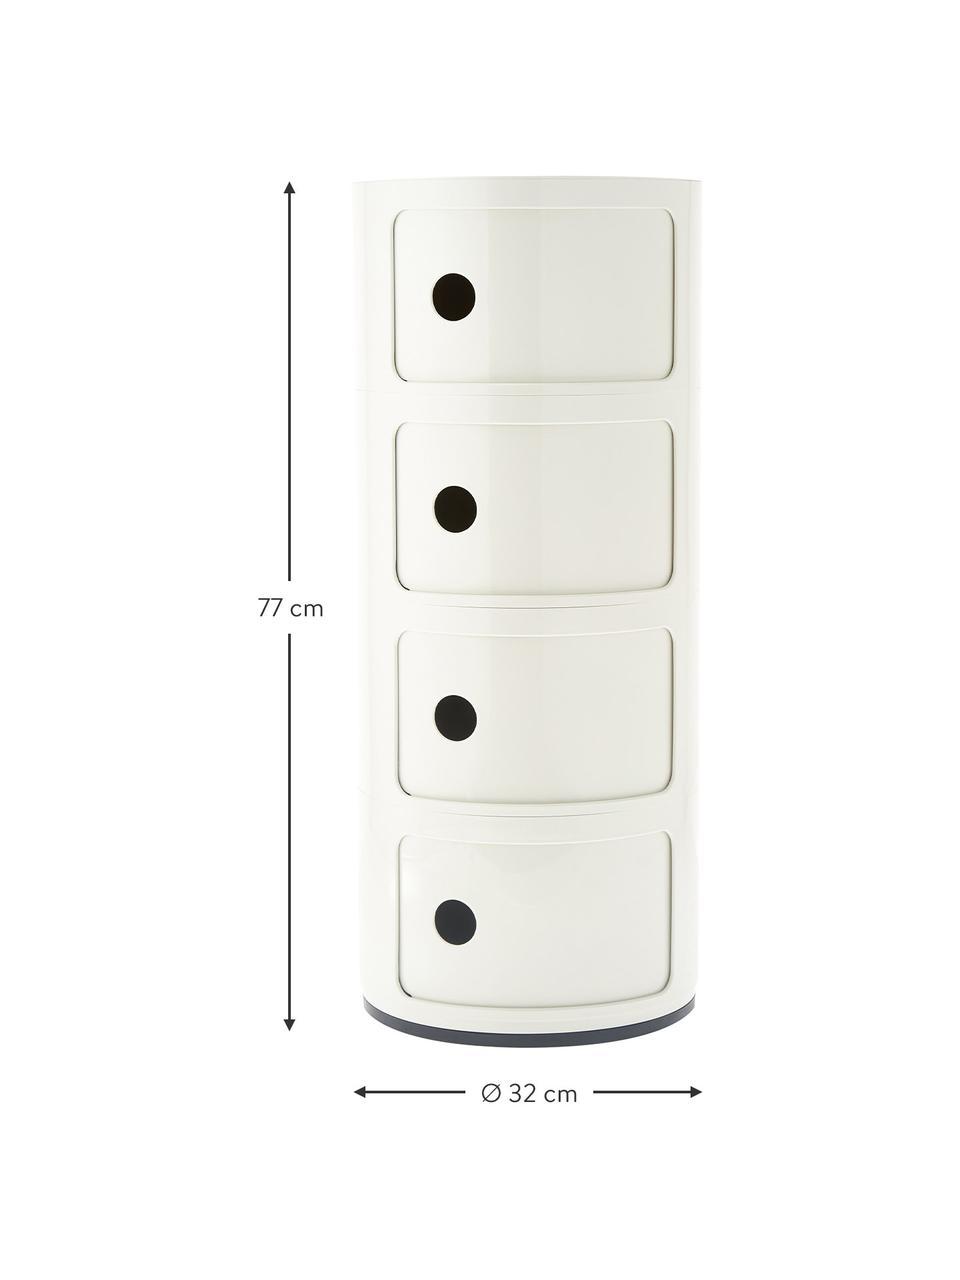 Stolik pomocniczy Componibile, Tworzywo sztuczne (ABS), lakierowane, Biały, Ø 32 x W 77 cm